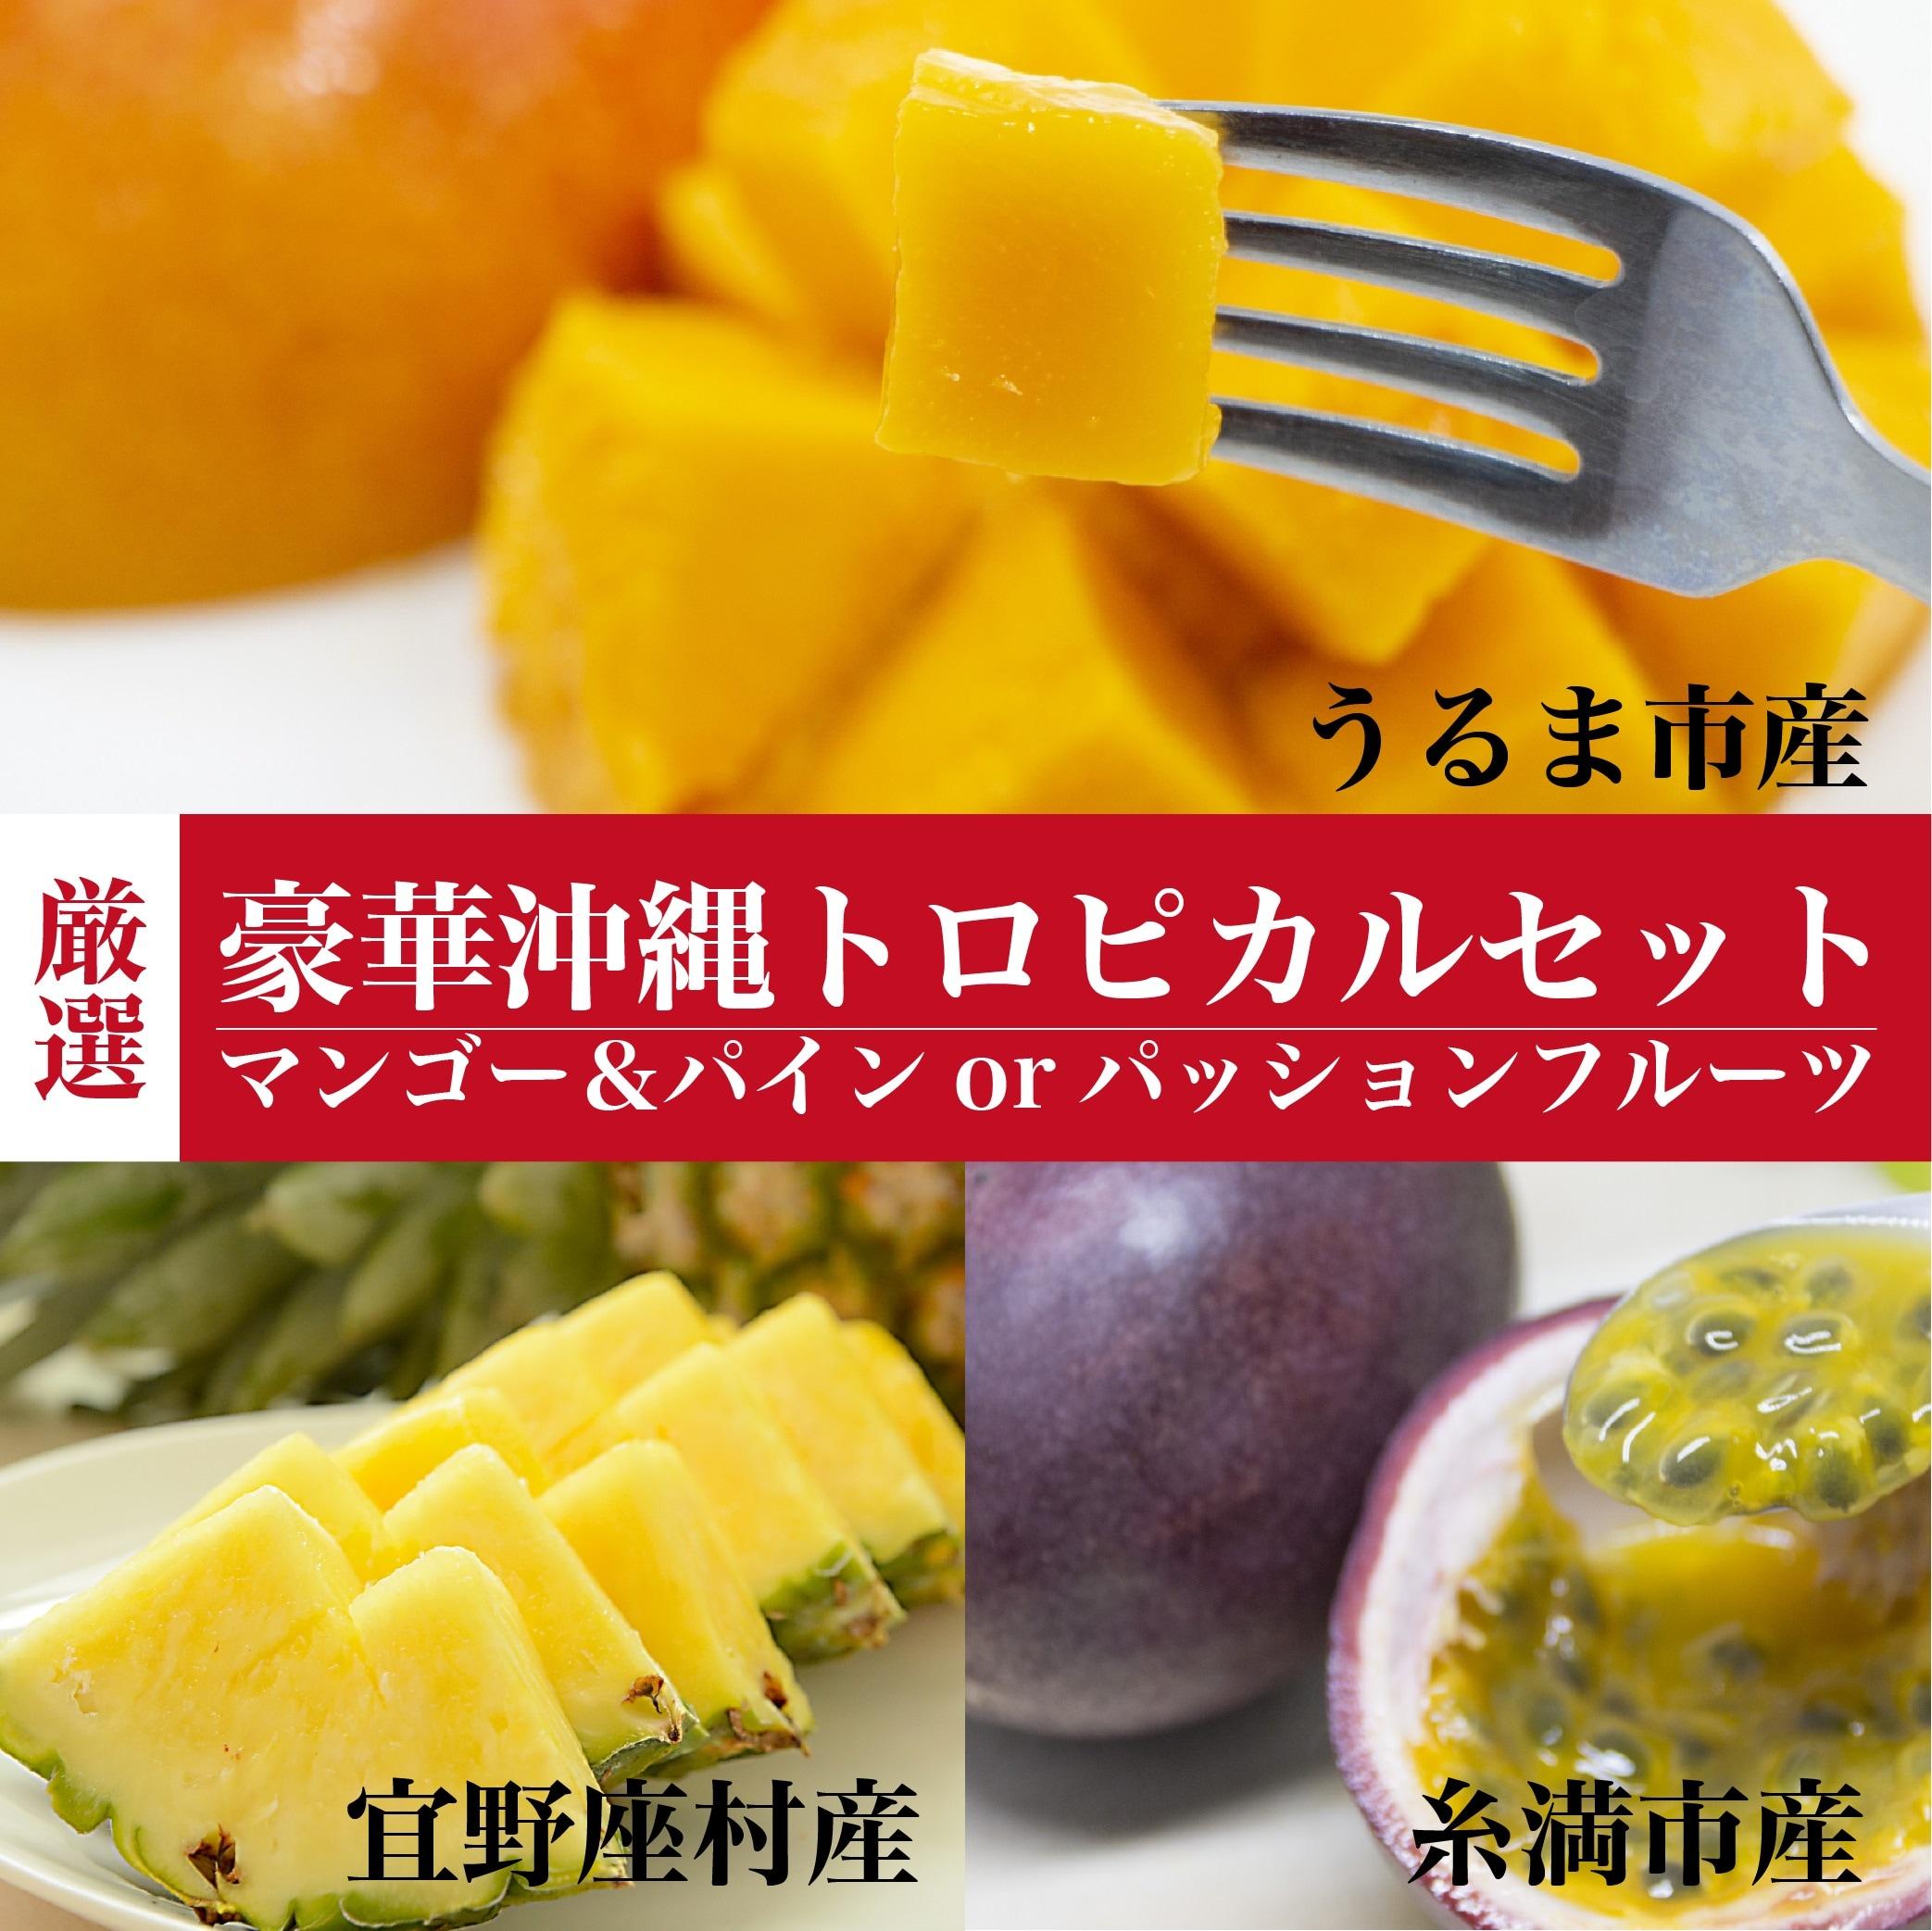 厳選|豪華沖縄トロピカルセット|マンゴー&パインorパッションフルーツ